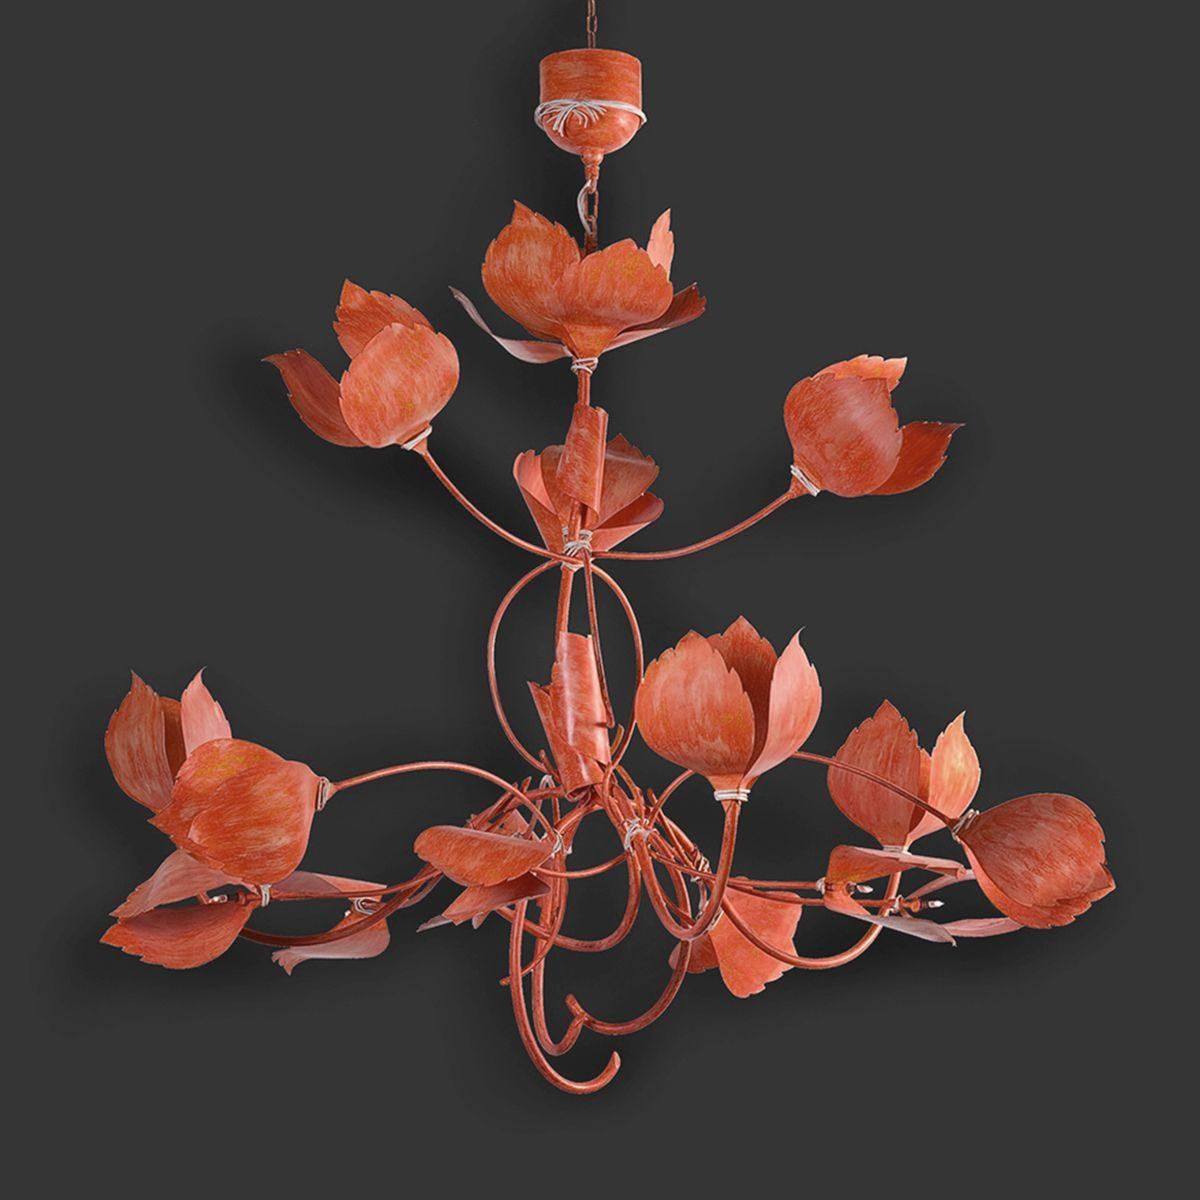 17_officinaciani-lampadario-leaves-1200x1200.jpg